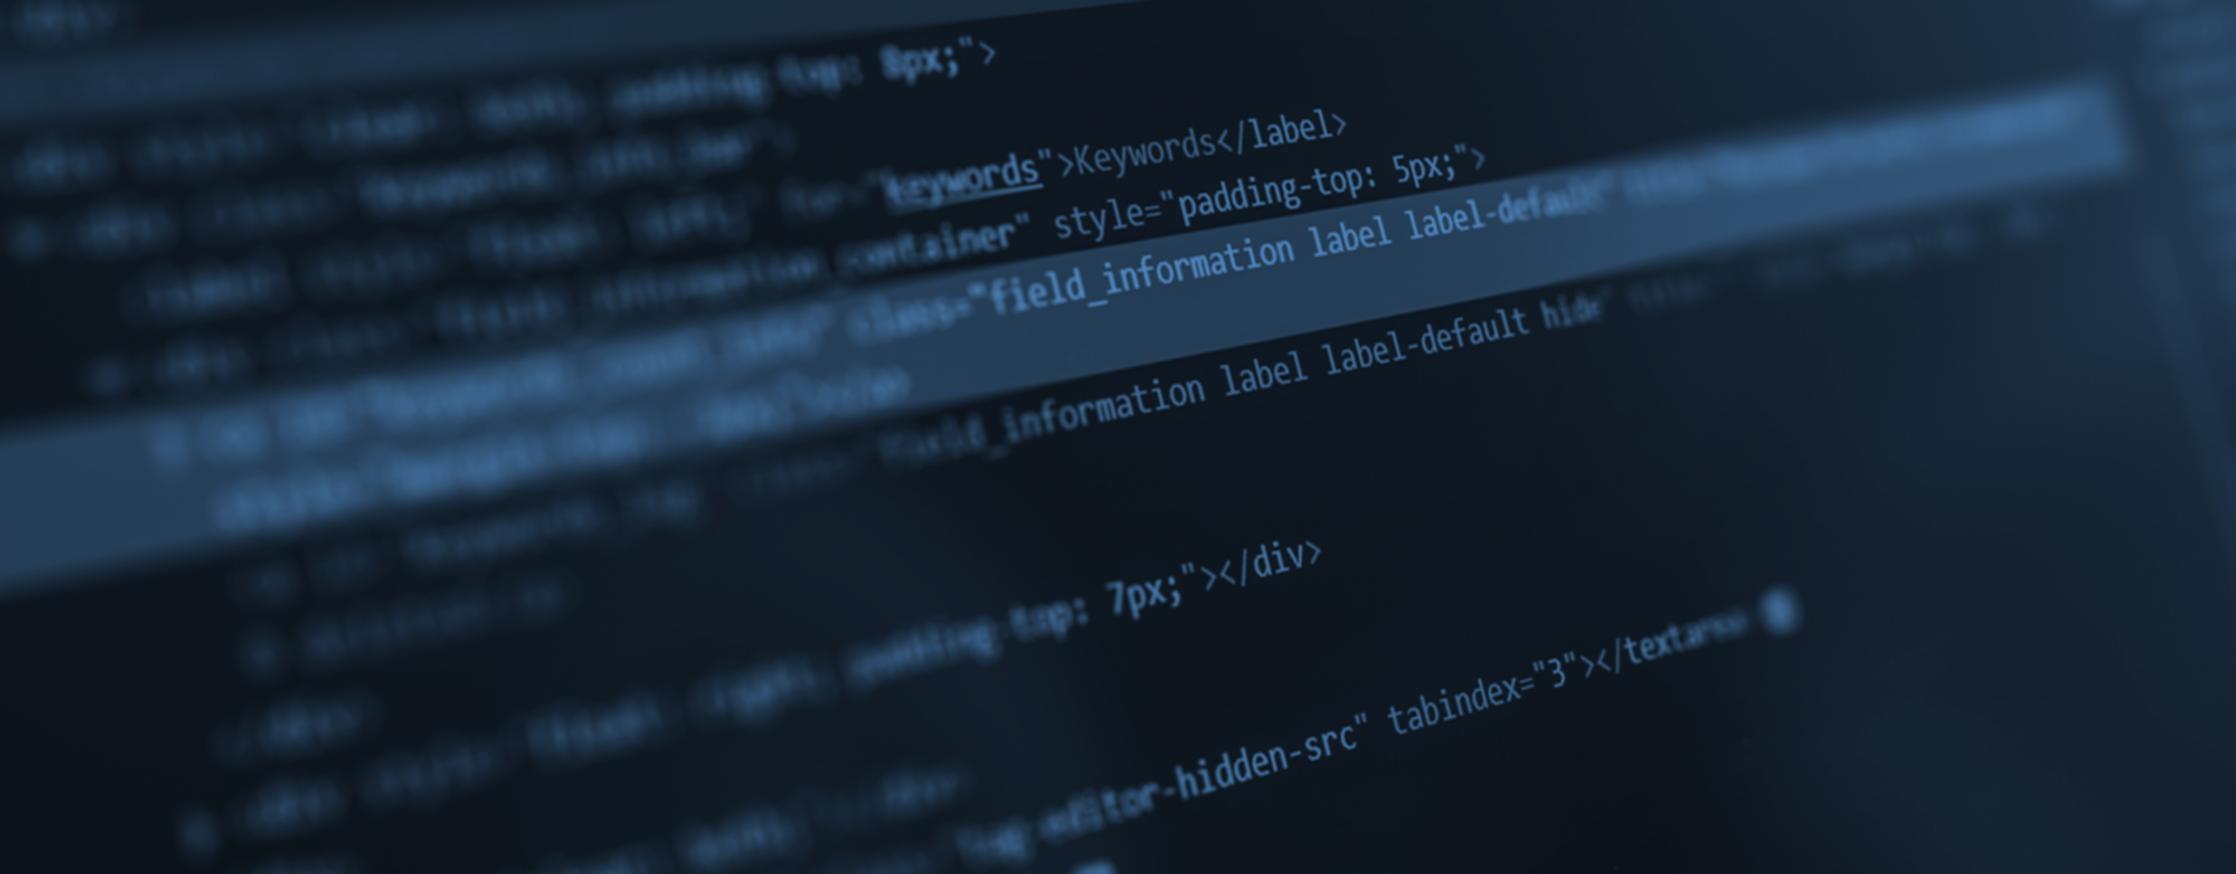 programação html em um computador.